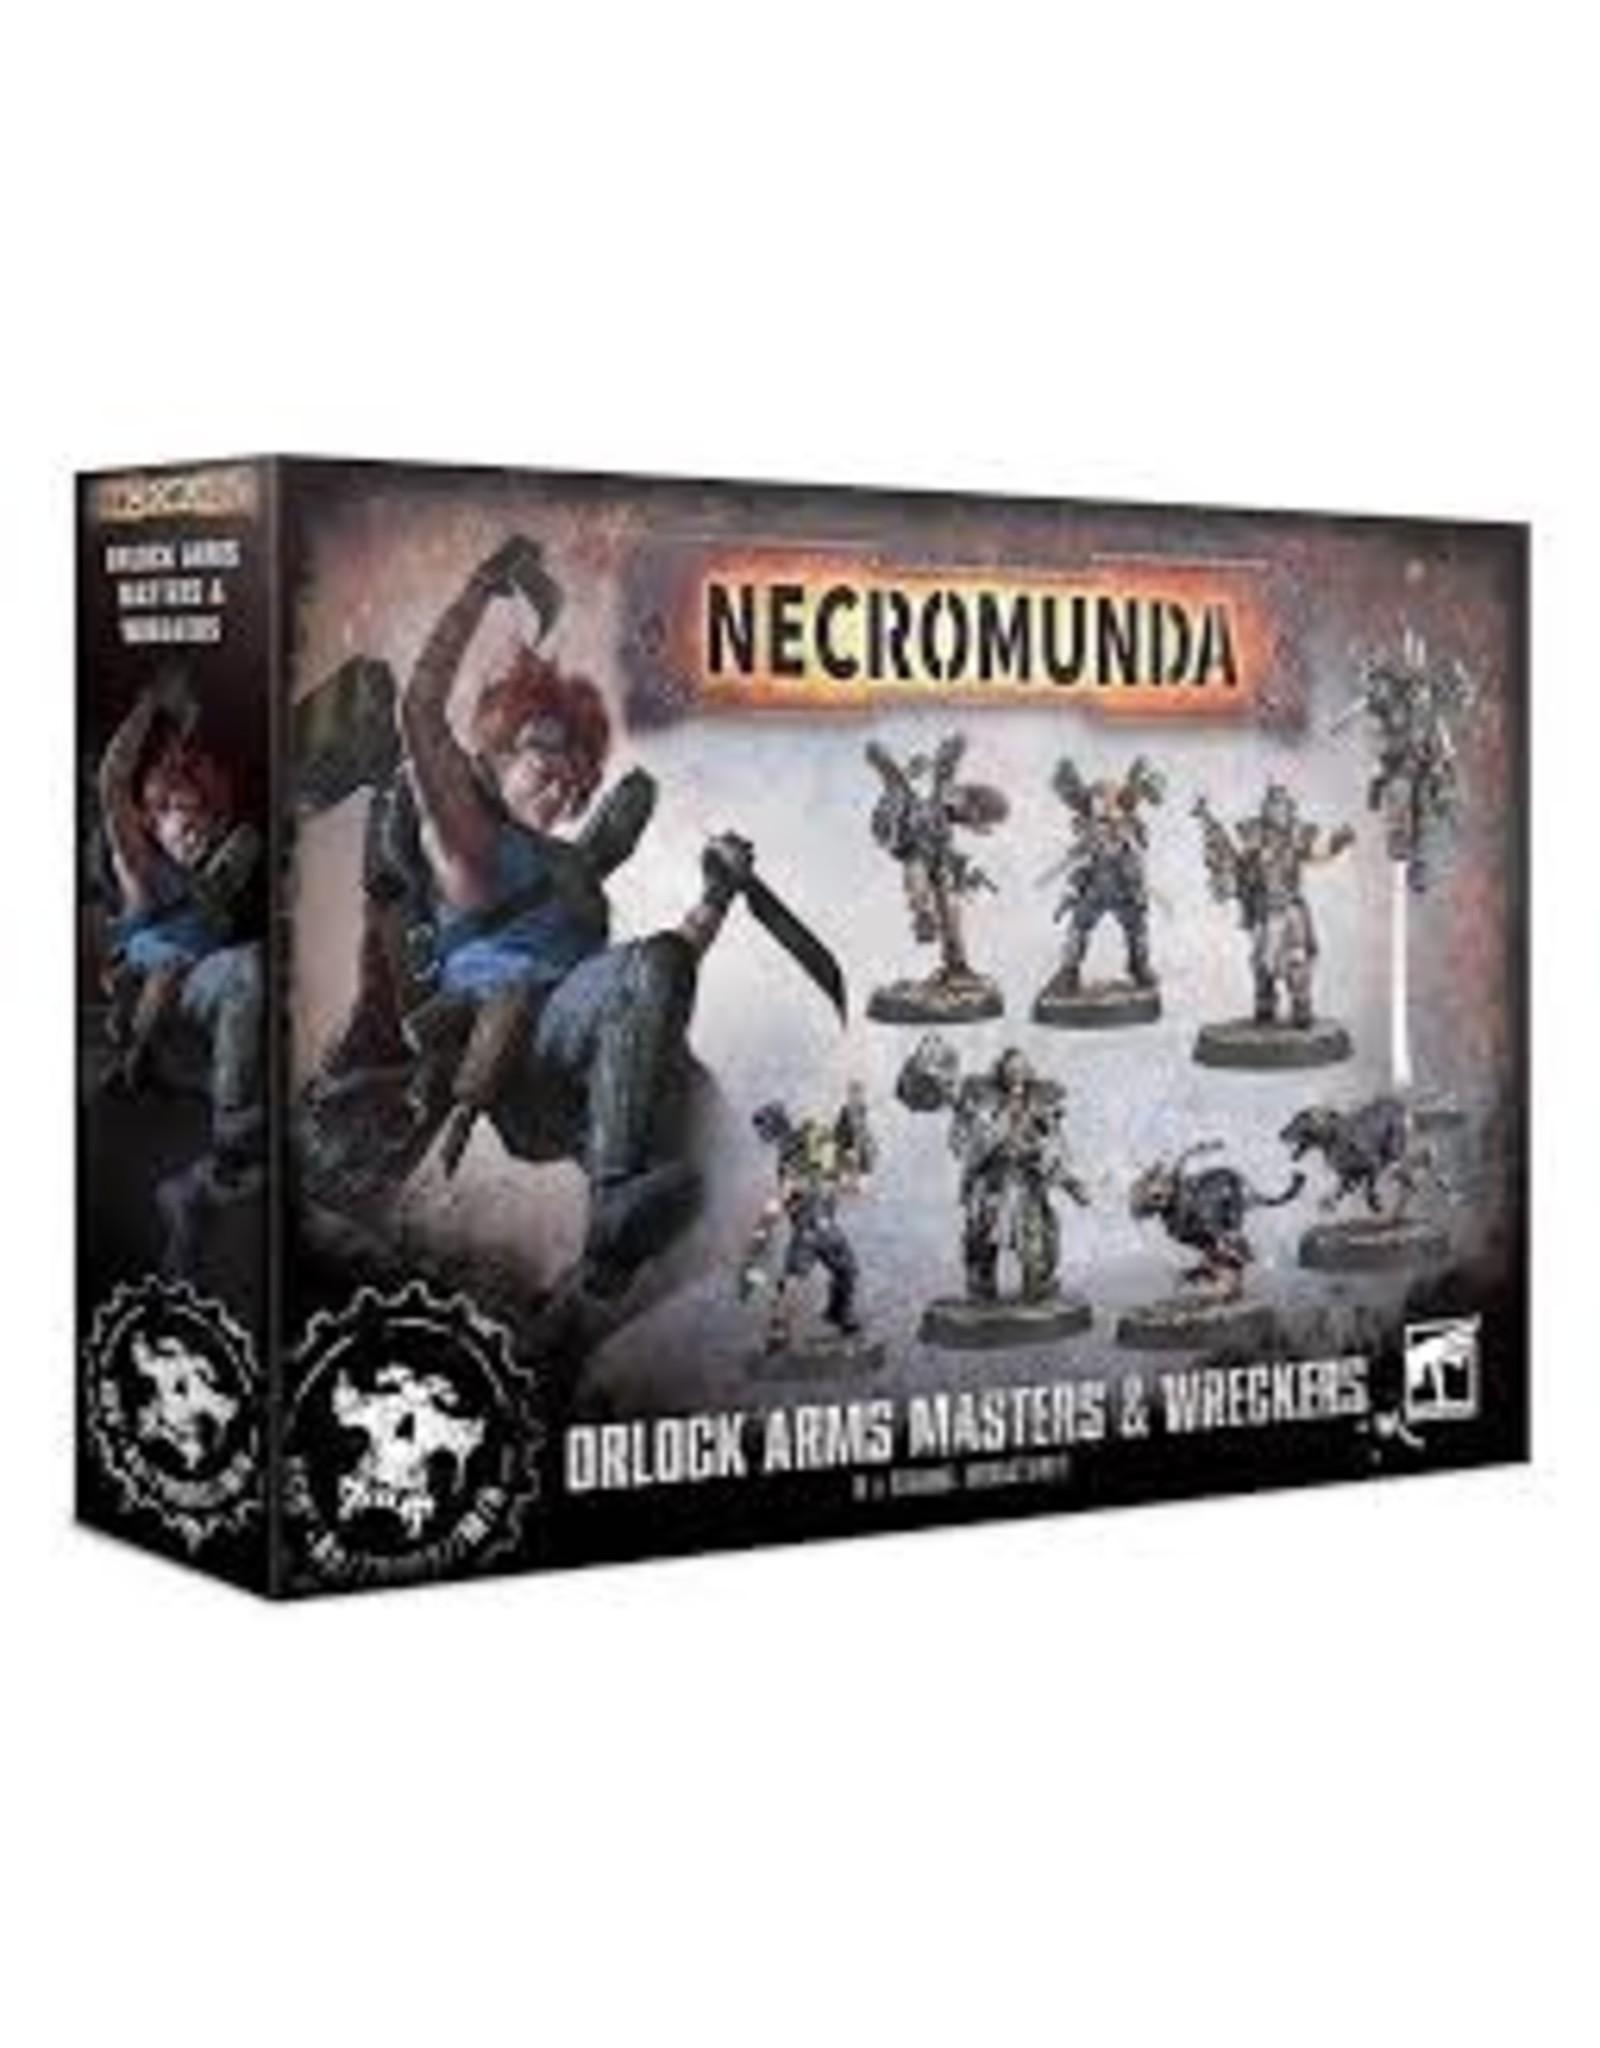 Necromunda Necromunda: House Of Iron